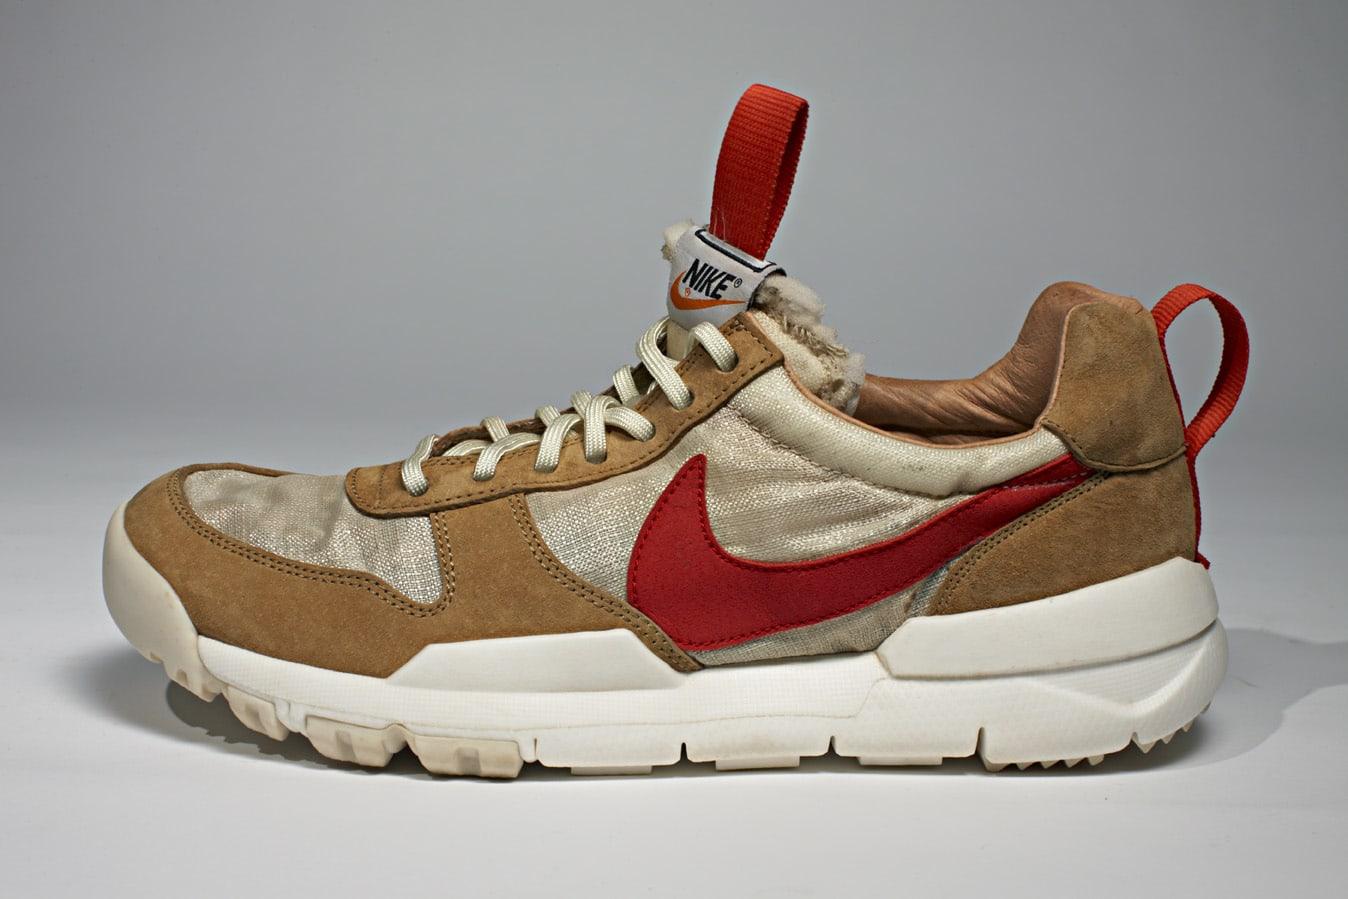 Nike Tom Sachs Mars Yard